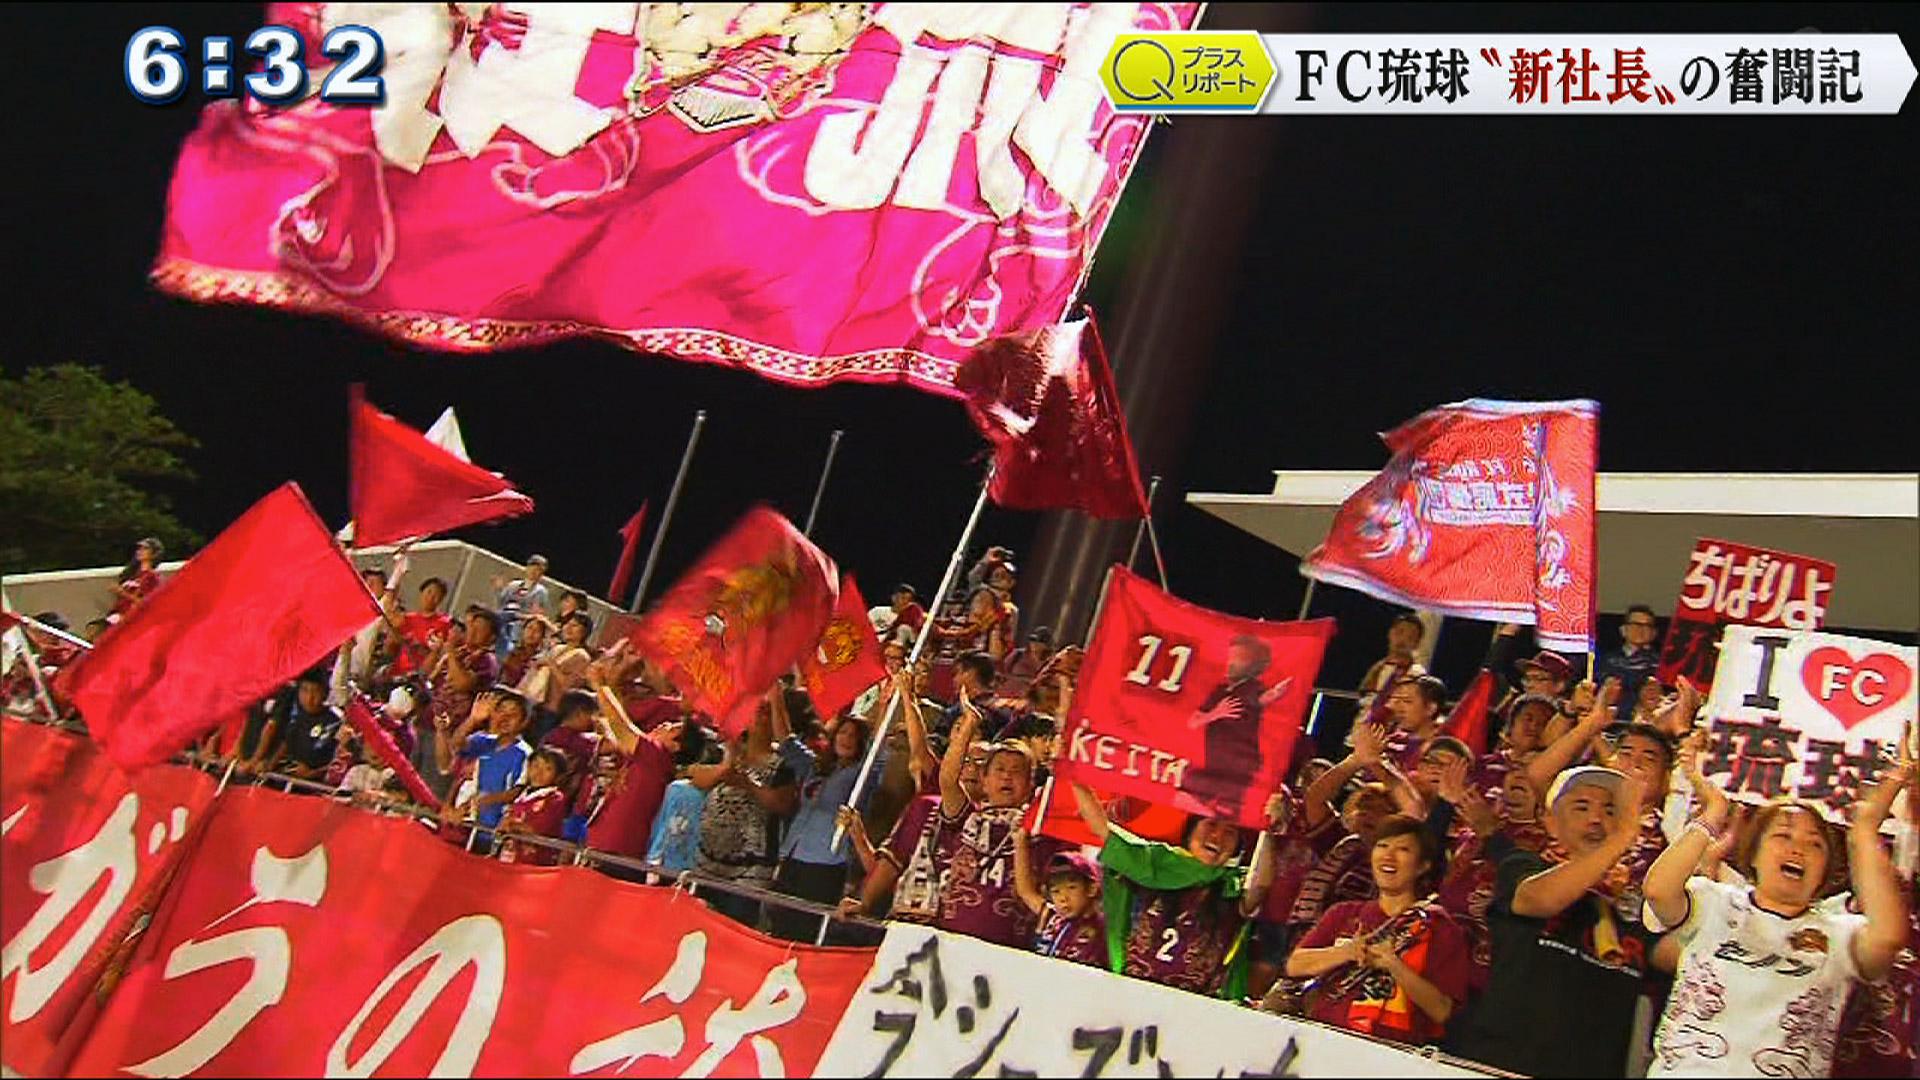 Qプラスリポート FC琉球 最年少社長の「奮闘記」